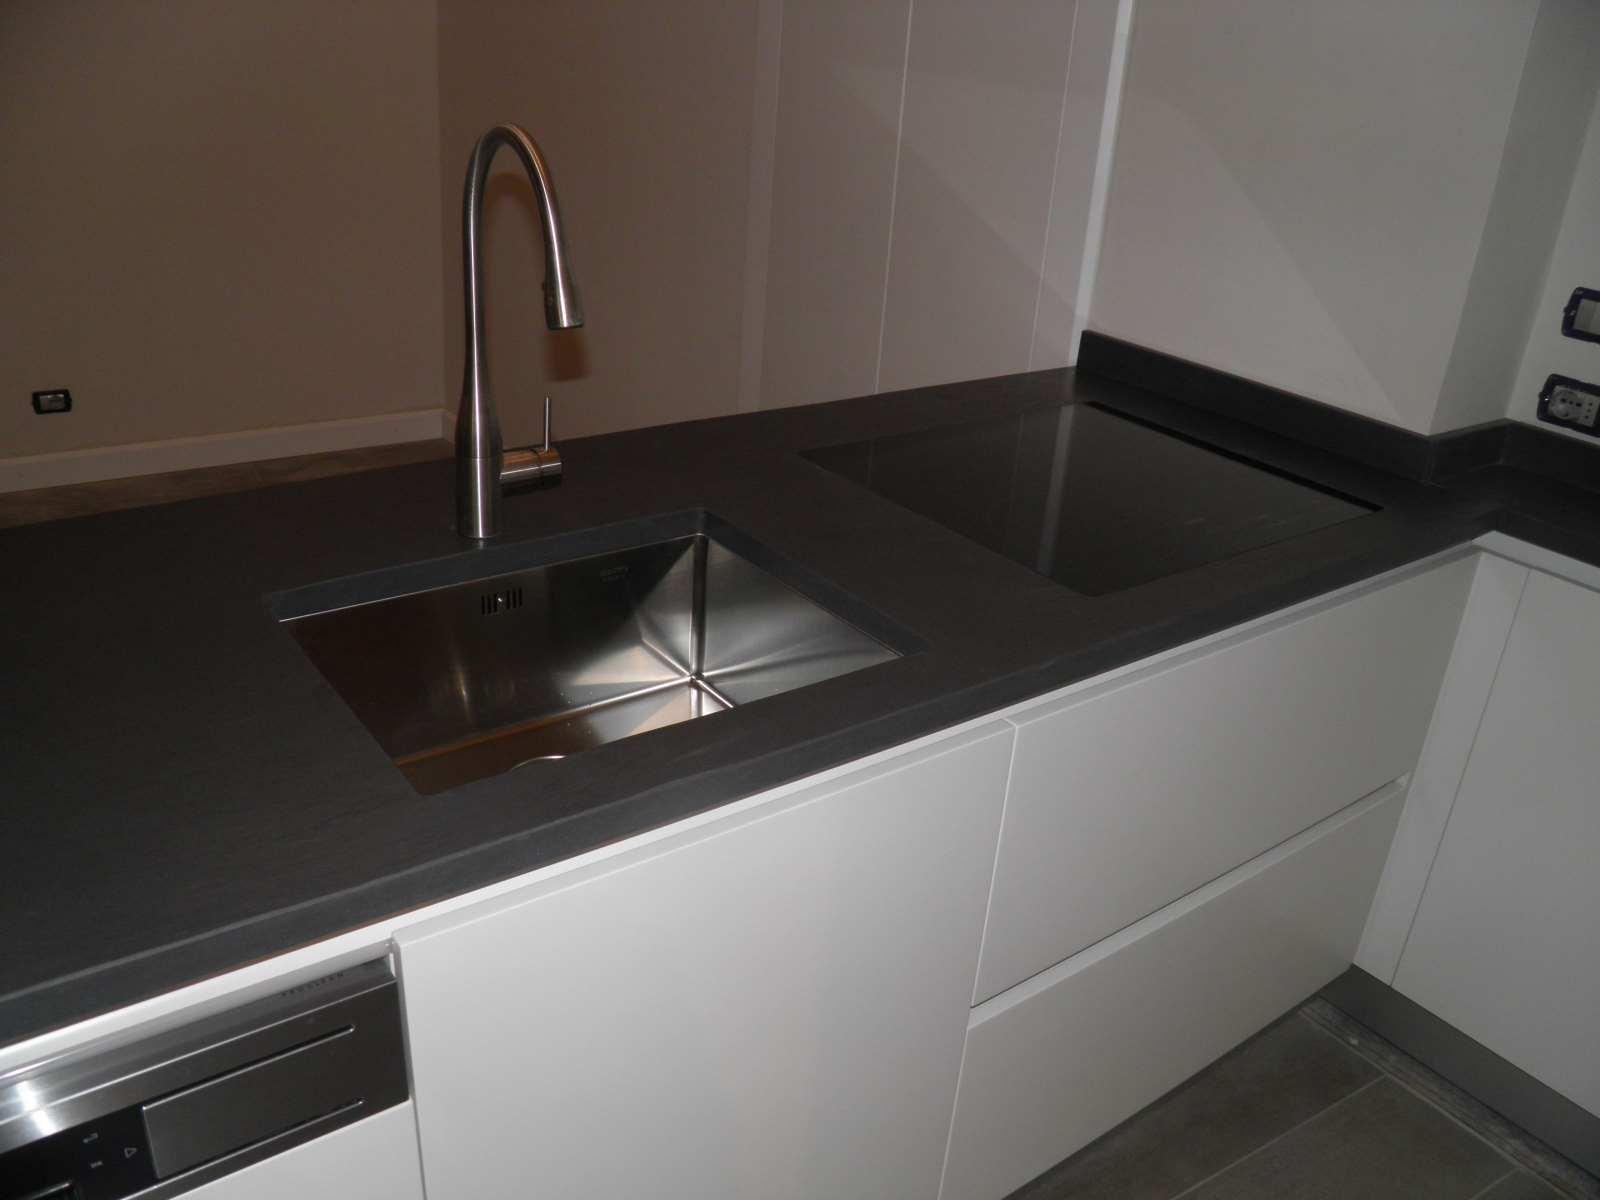 Cucina Su Misura Falegname cucina moderna bianca su misura - falegnameria ratoci